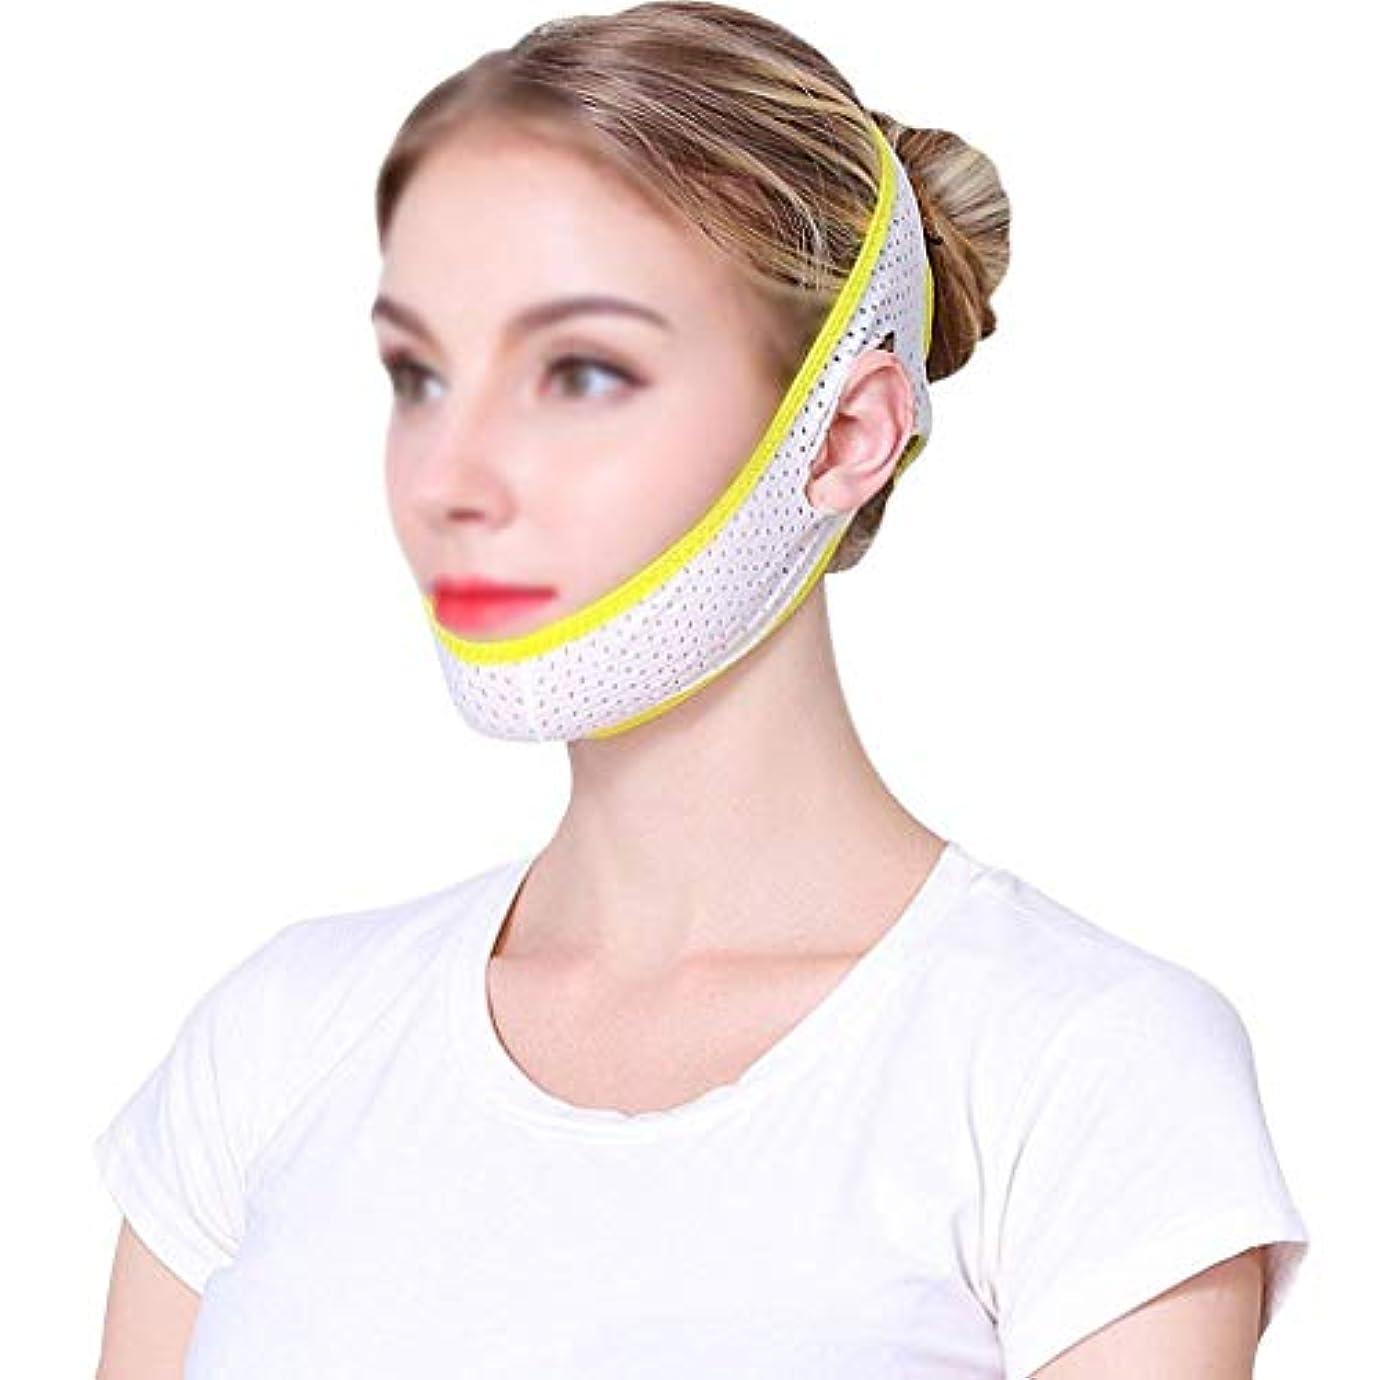 反対行く攻撃マスク、包帯、整形外科の夏の通気性の薄いセクション二重あごひものVの表面の薄いフェイスマスクを持ち上げて下さい